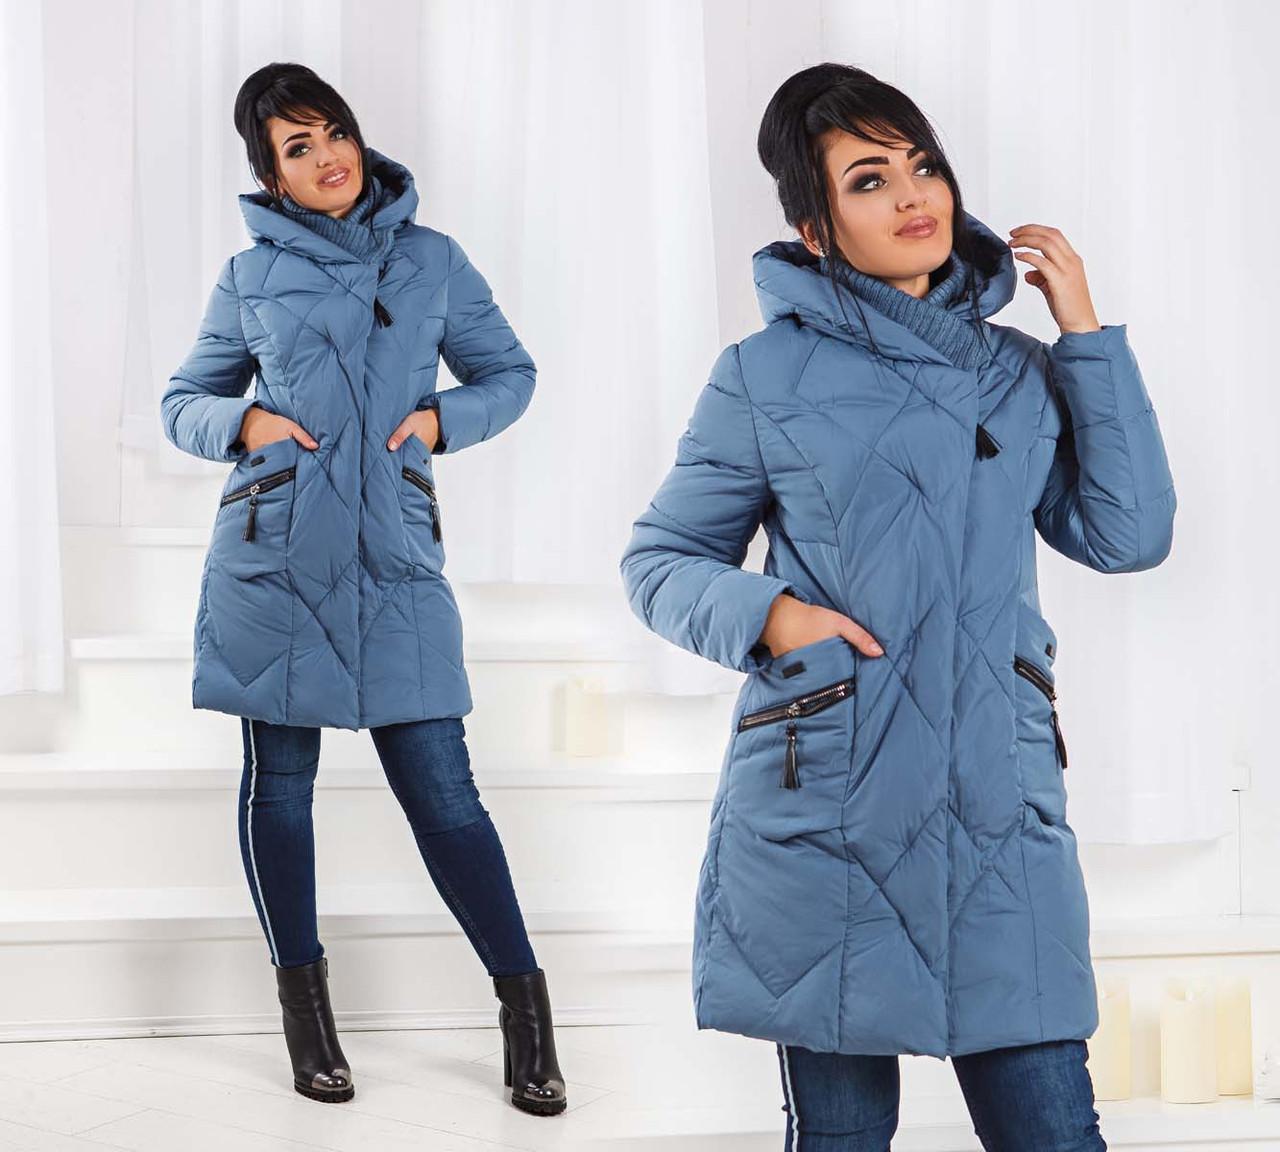 Женское зимнее пальто холлофайбер в больших размерах 01 в расцветках